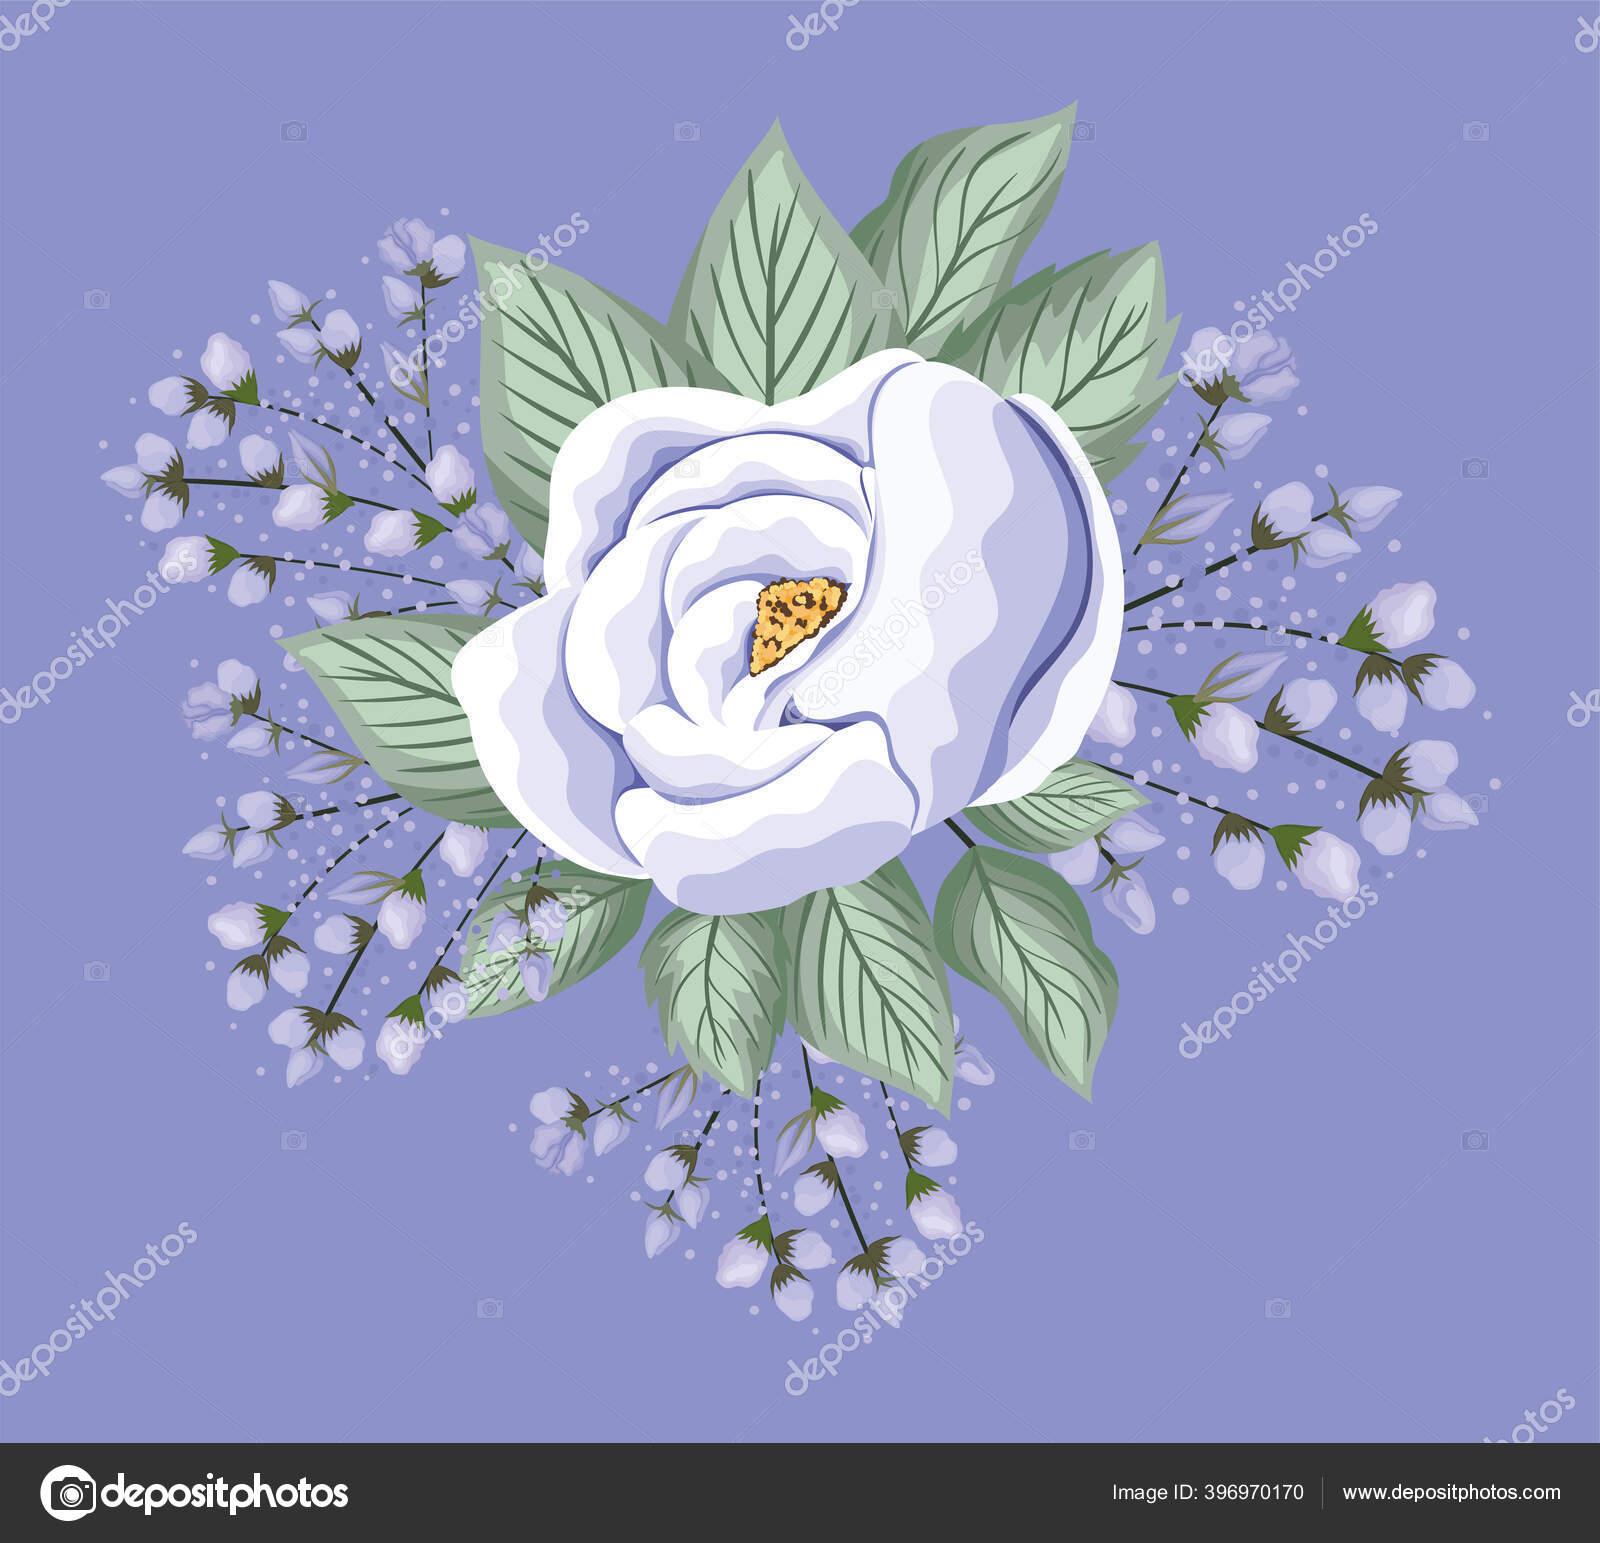 Bunga Mawar Putih Dengan Daun Lukisan Desain Vektor Stok Vektor C Grgroupstock 396970170